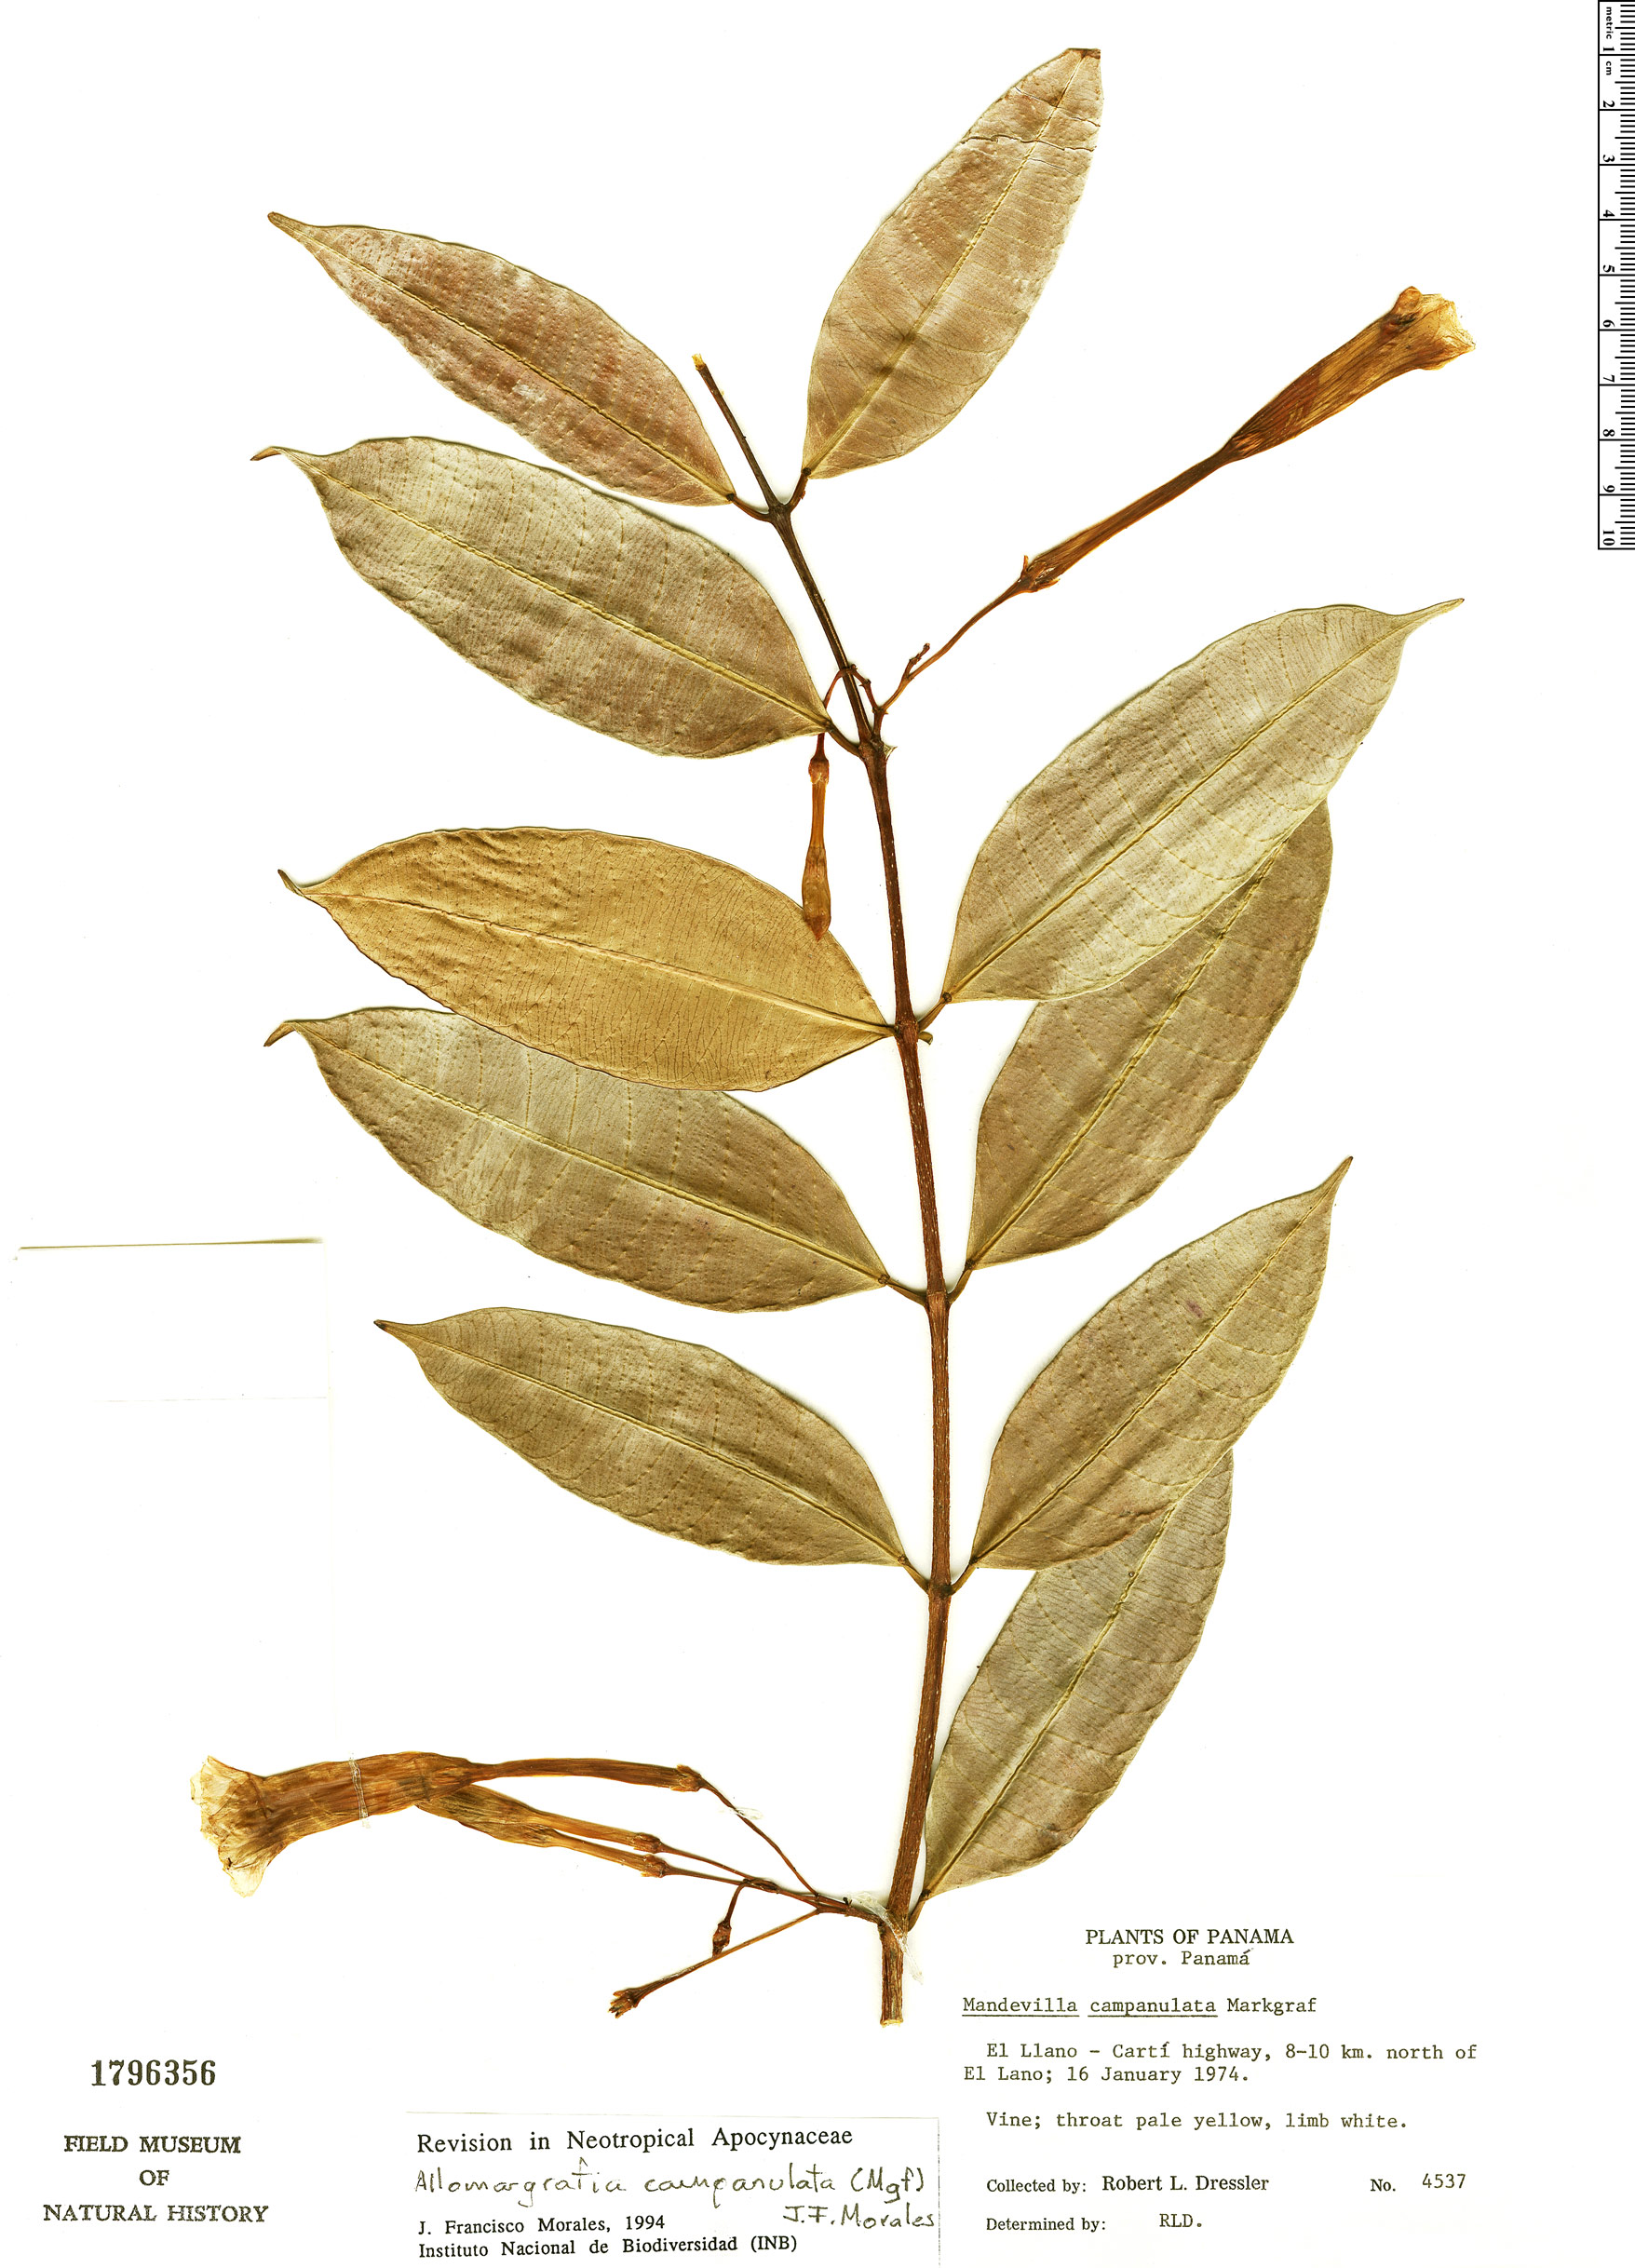 Specimen: Allomarkgrafia campanulata